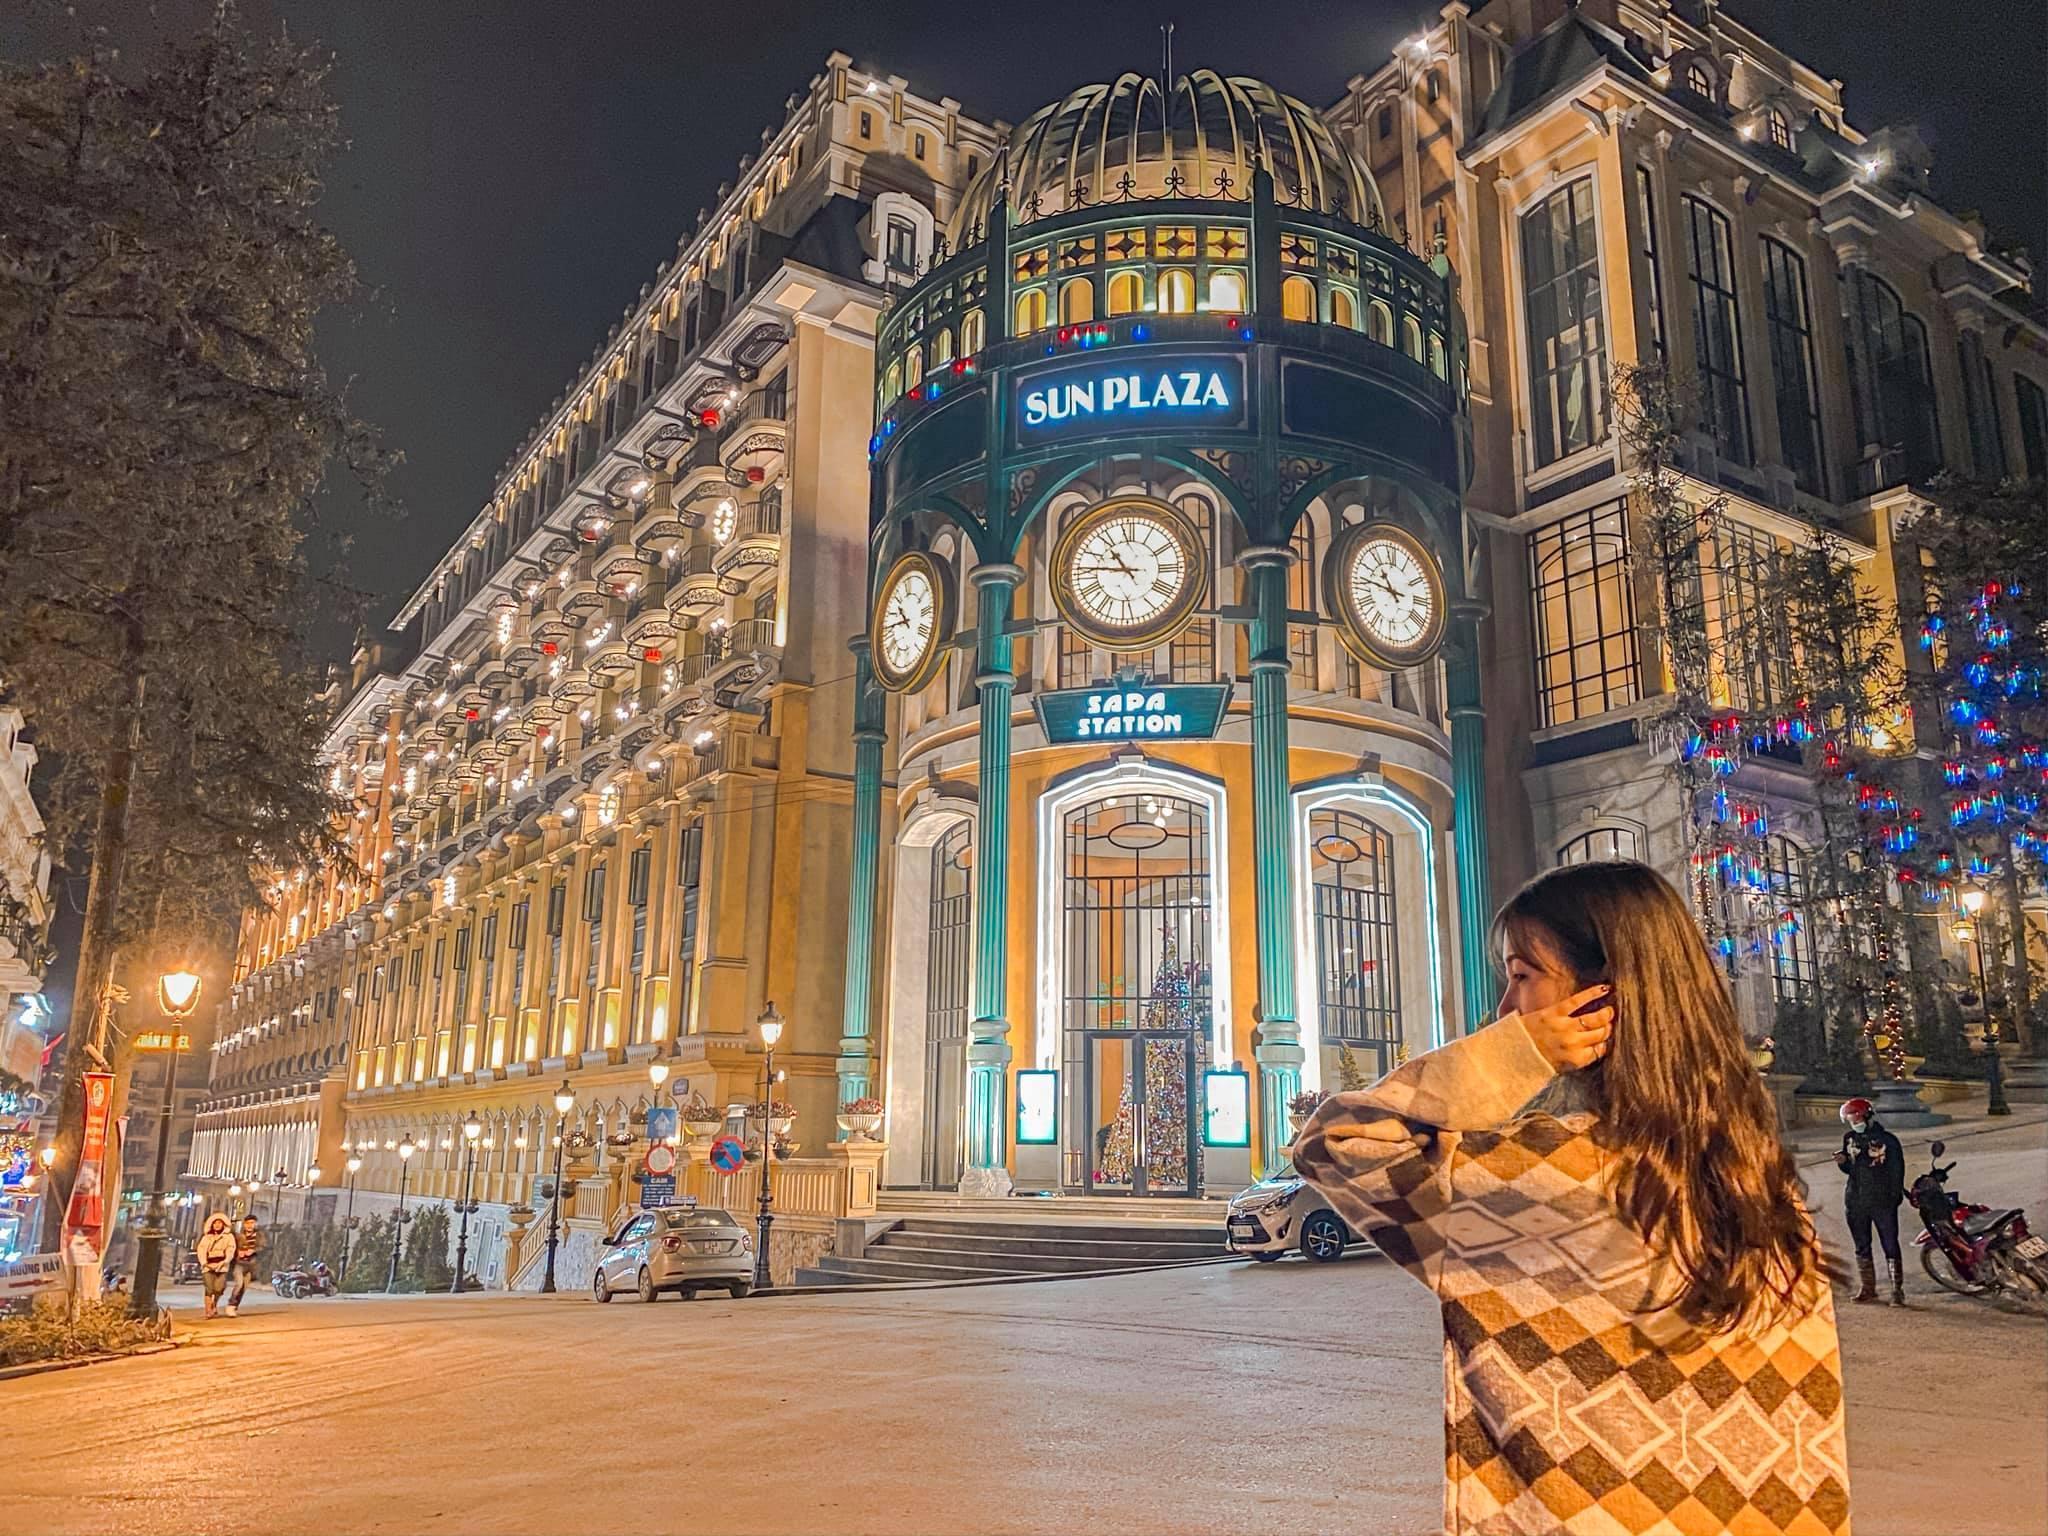 Tour du lịch Sapa từ Quảng Ninh: Rộn rã ngày hè với những gói tour cực ưu đãi  - Ảnh 17.